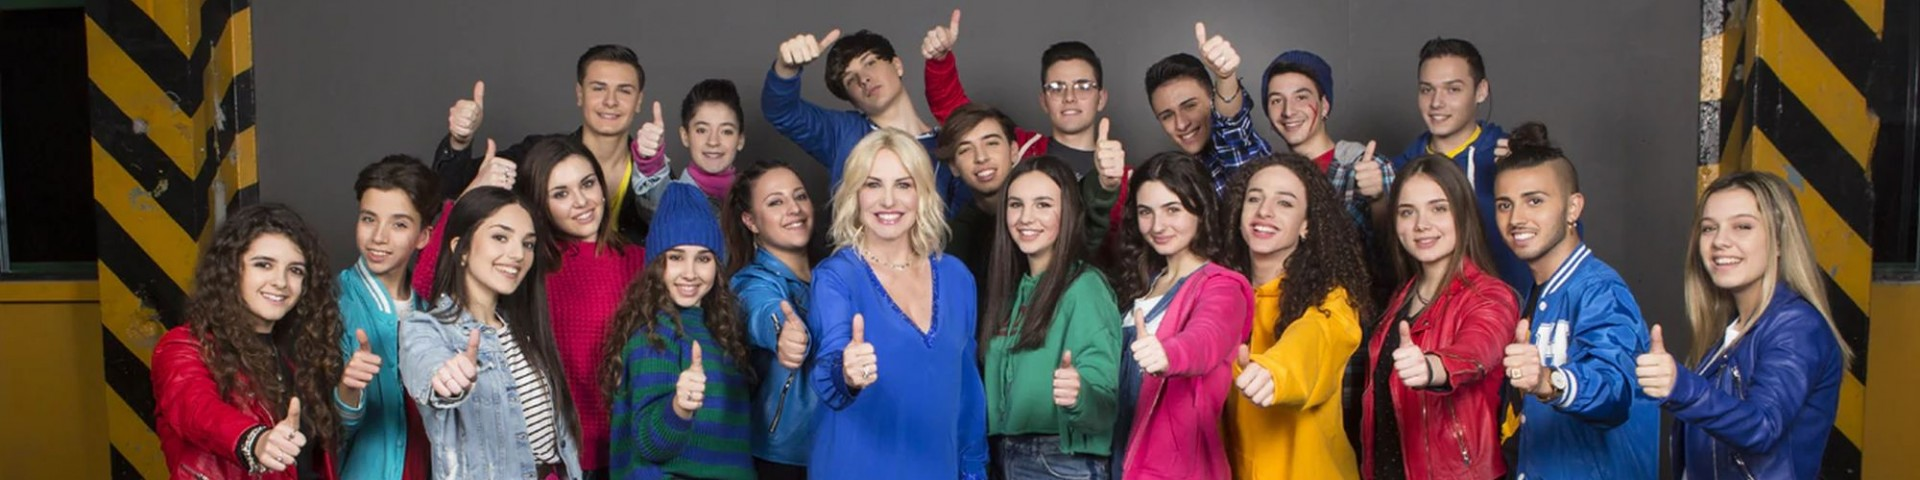 Sanremo Young con Antonella Clerici, John Travolta e Mahmood